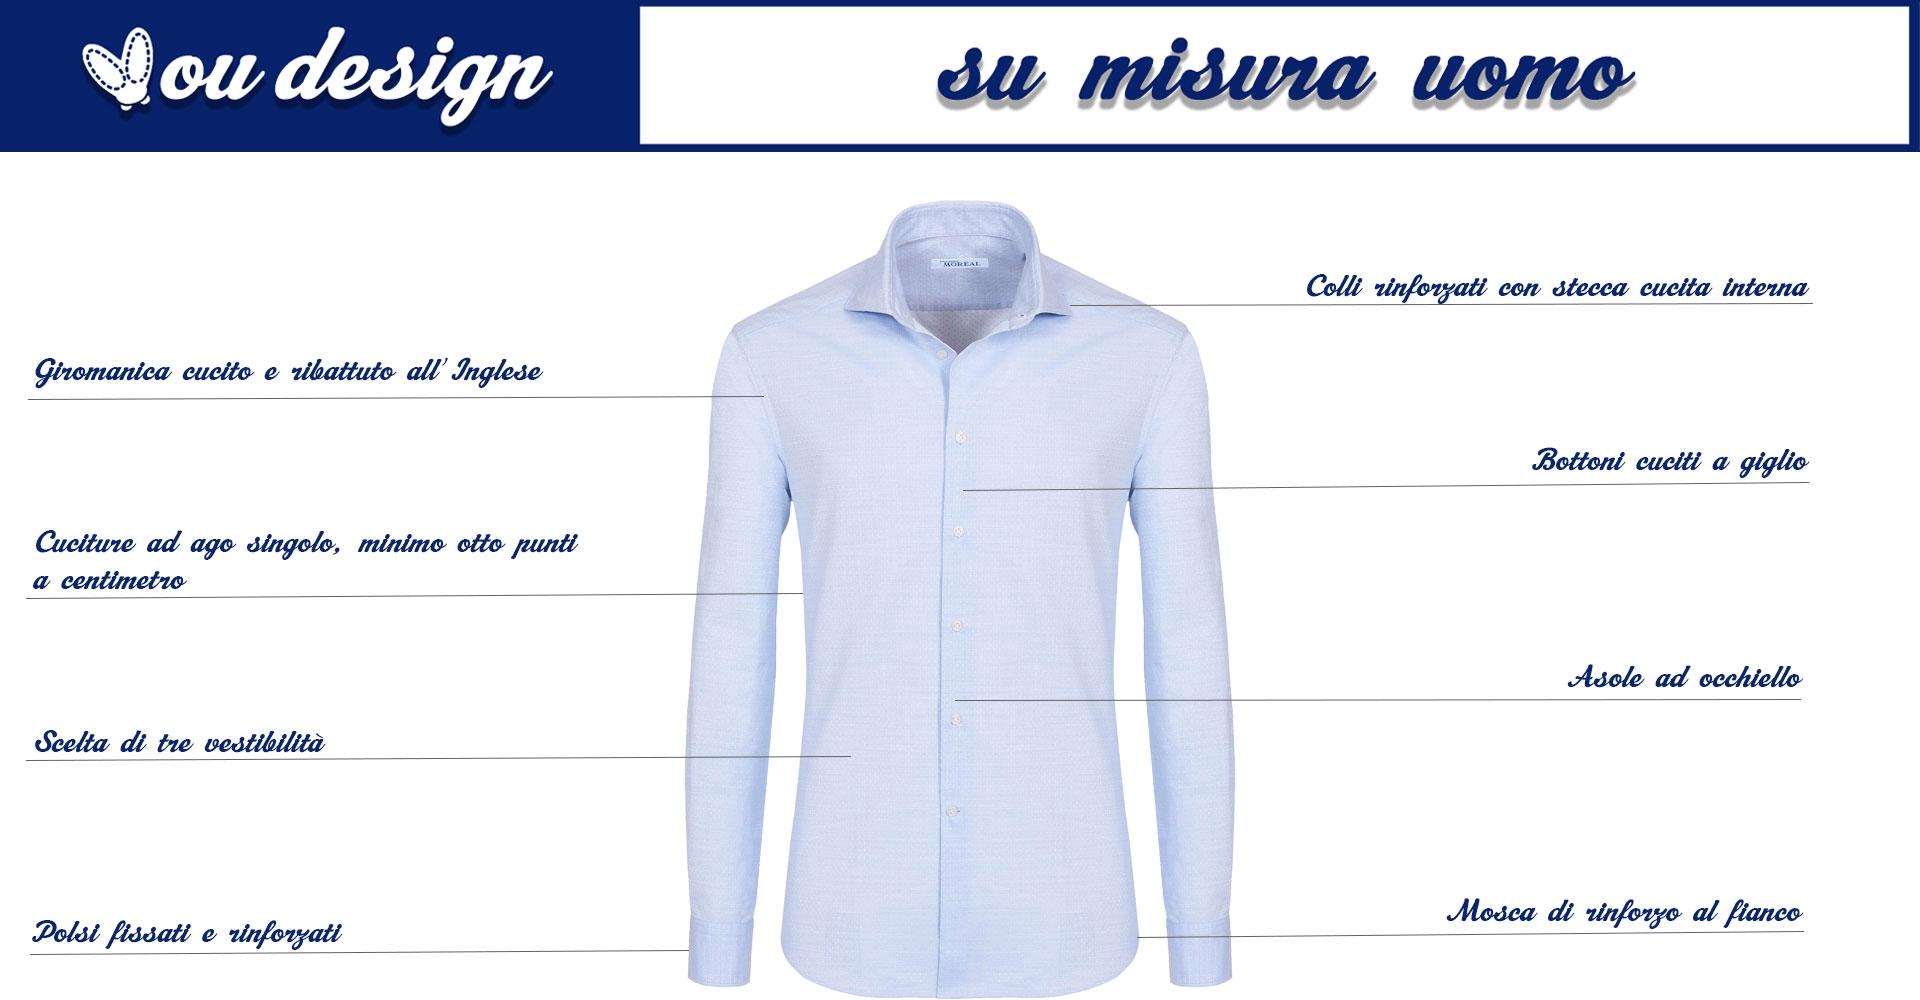 Camicie Sumisura